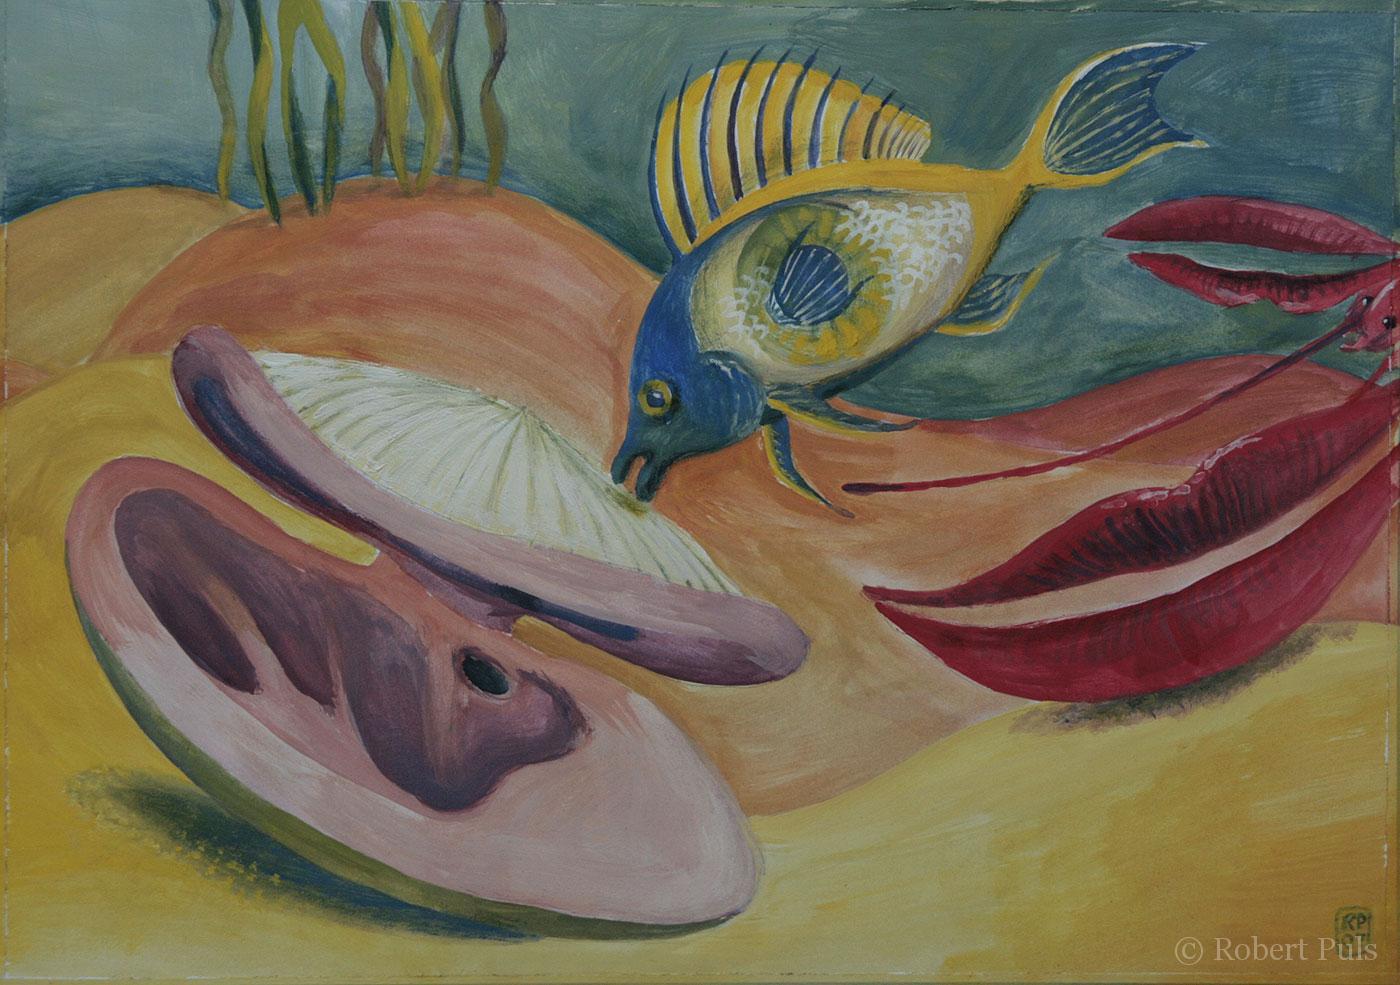 Malerei Robert Puls Menschliches 1